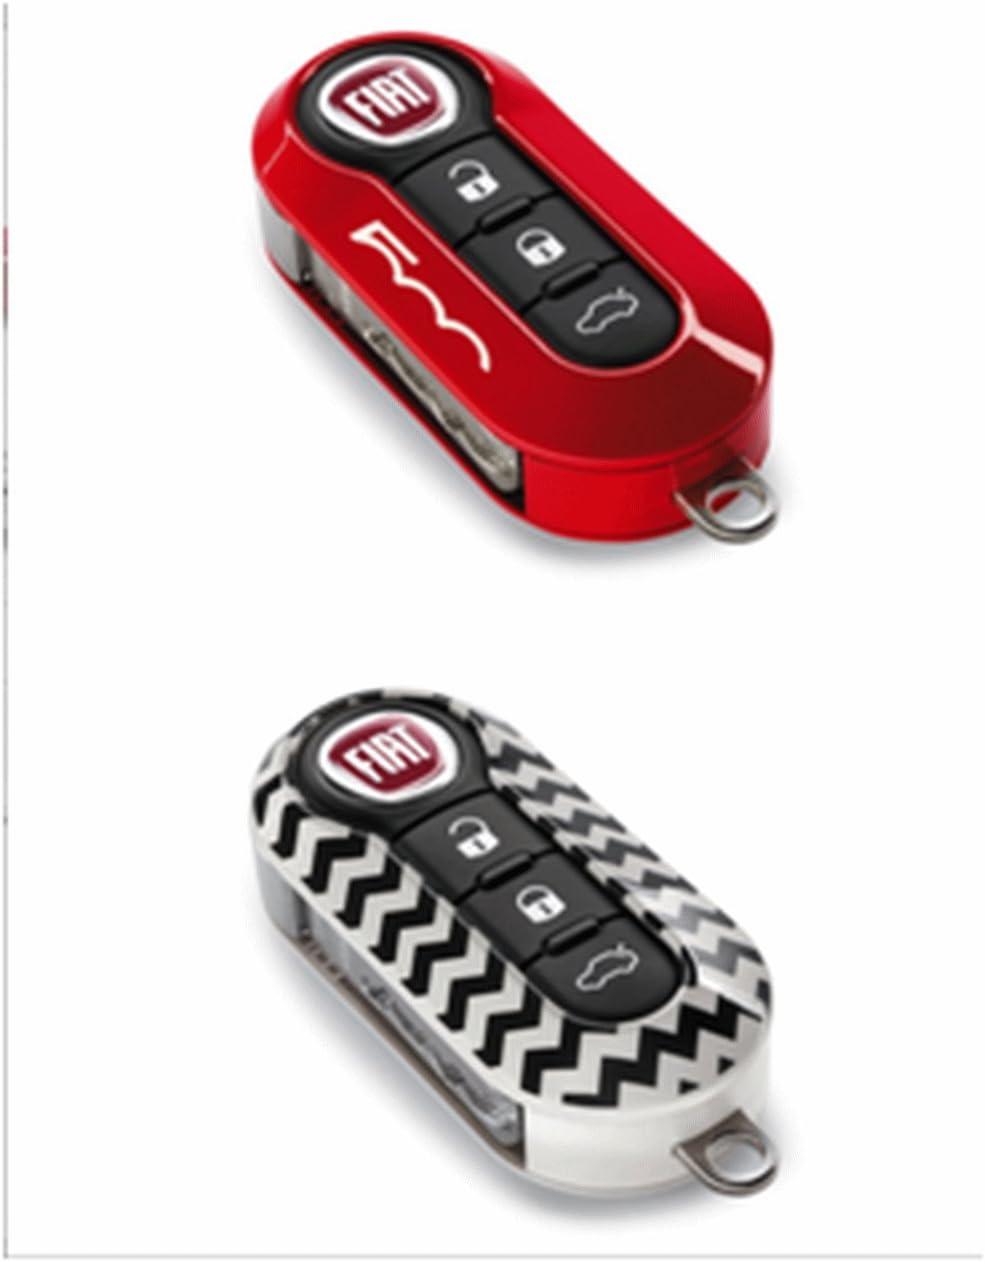 Original Fiat 500 Schlüsselcover Set Rosso E Bianco Chevron Auto